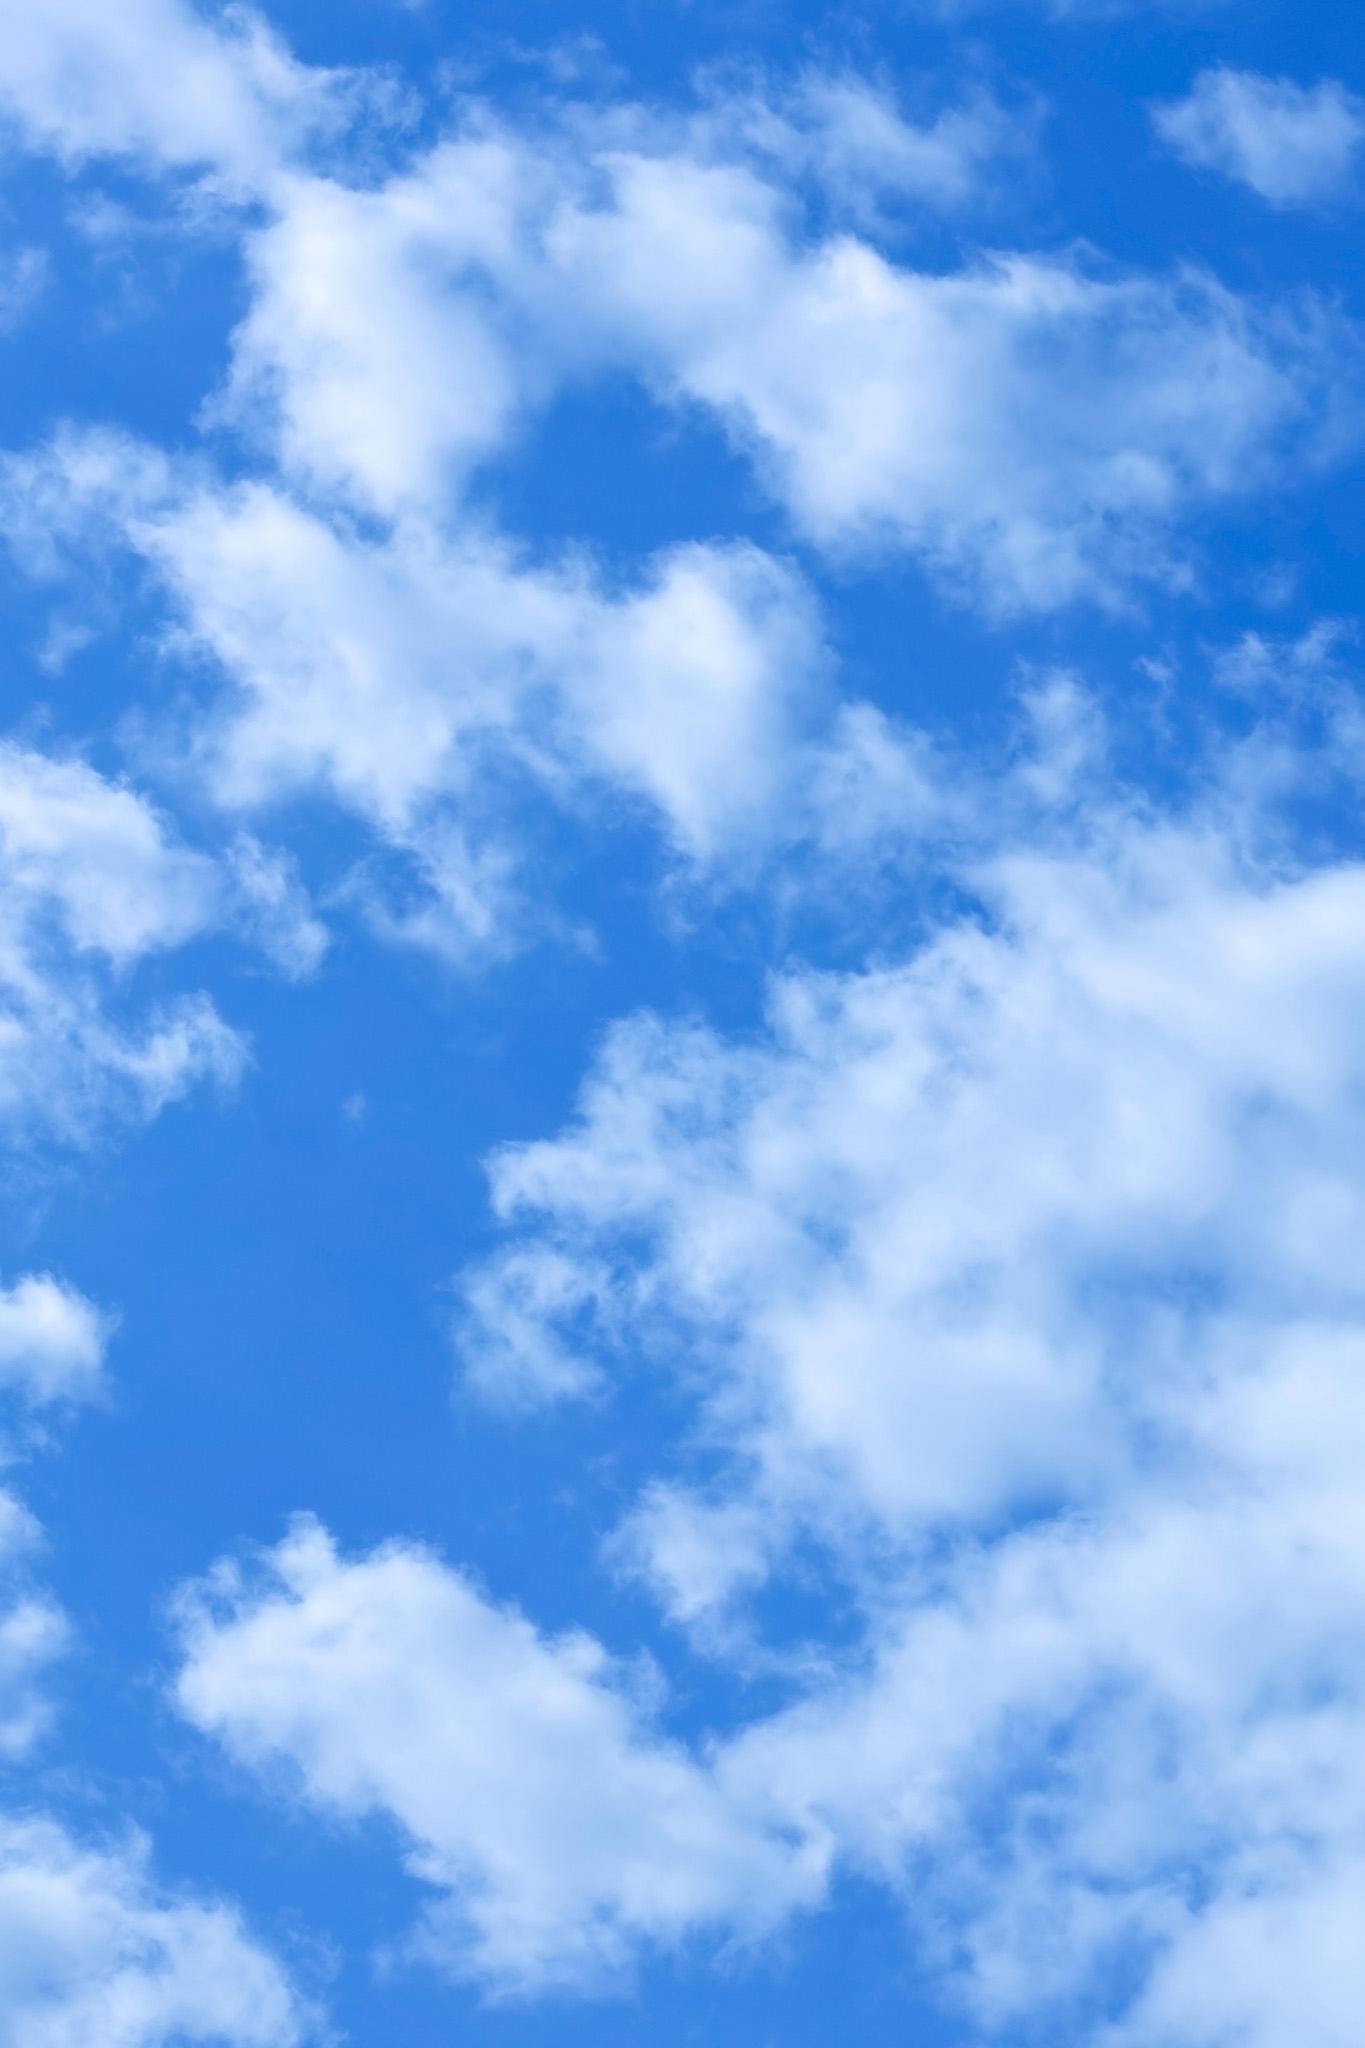 「濃いブルーの青空と白い雲」